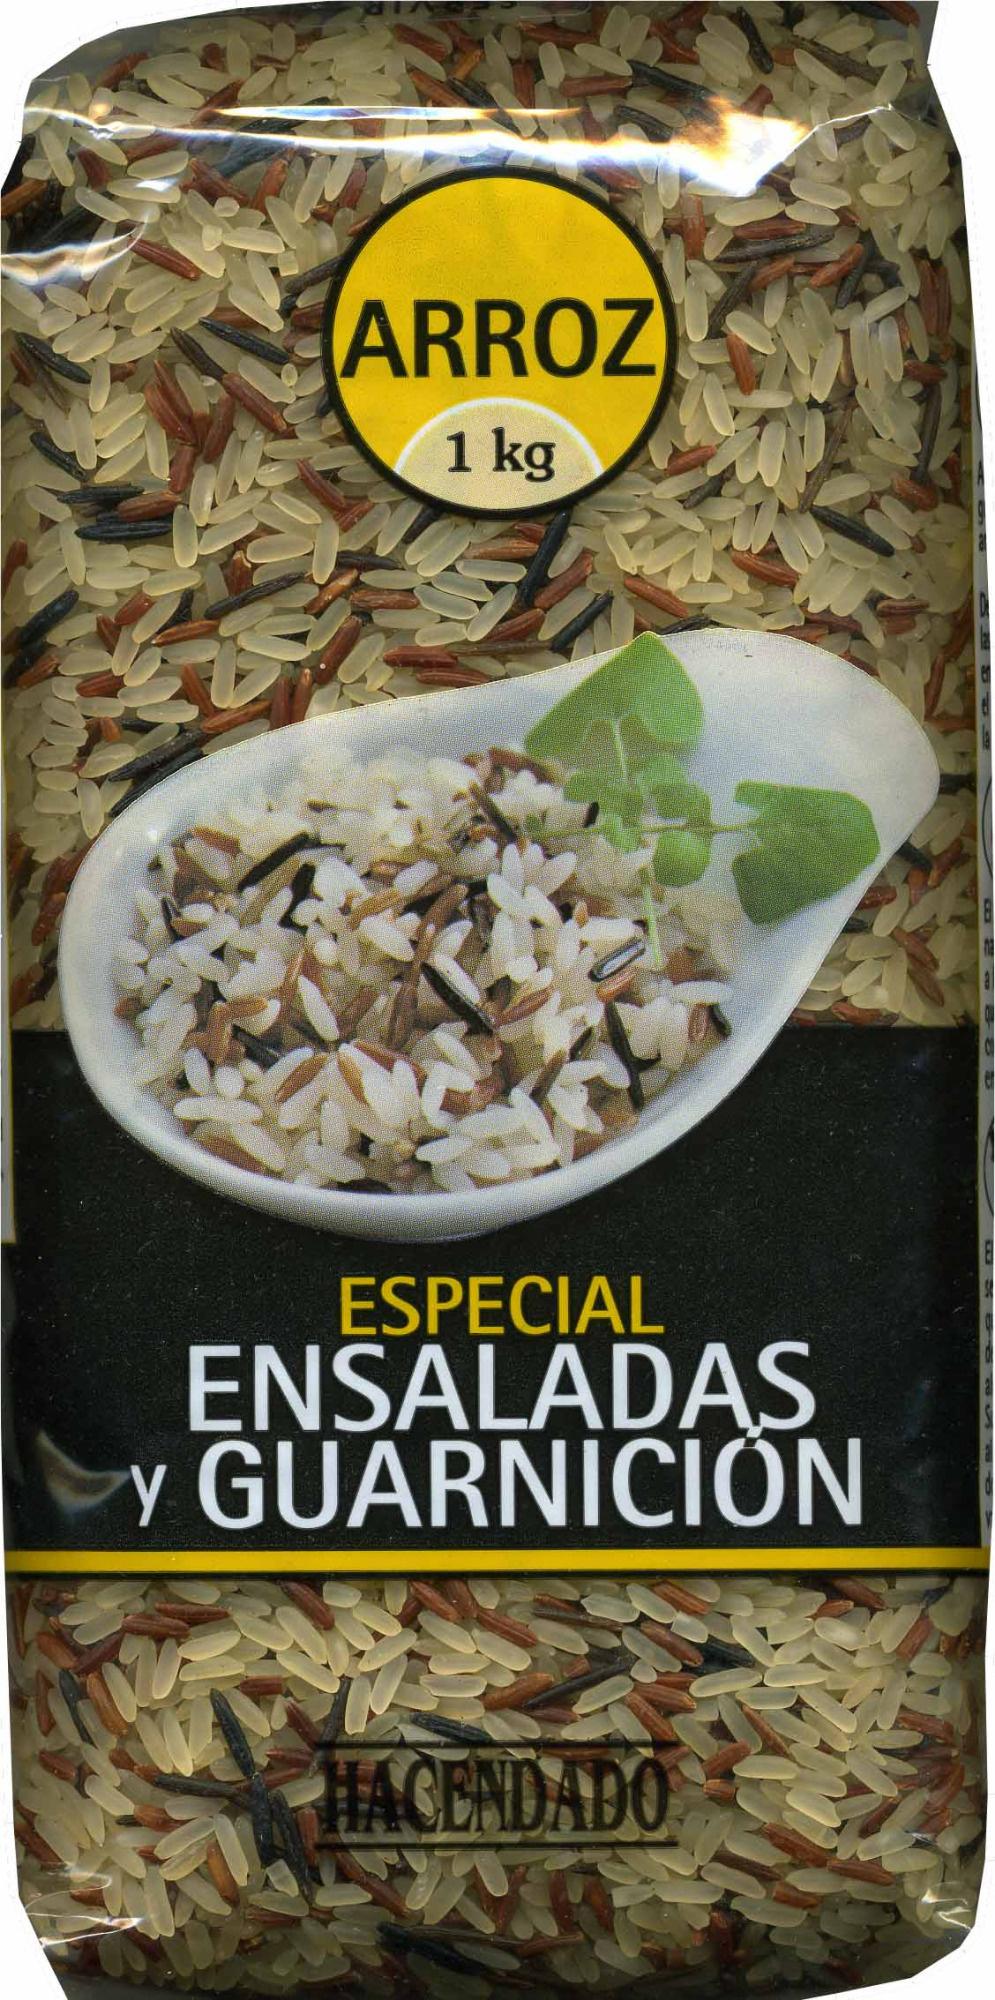 Mezcla de arroces Especial ensaladas y guarnición - Producte - es